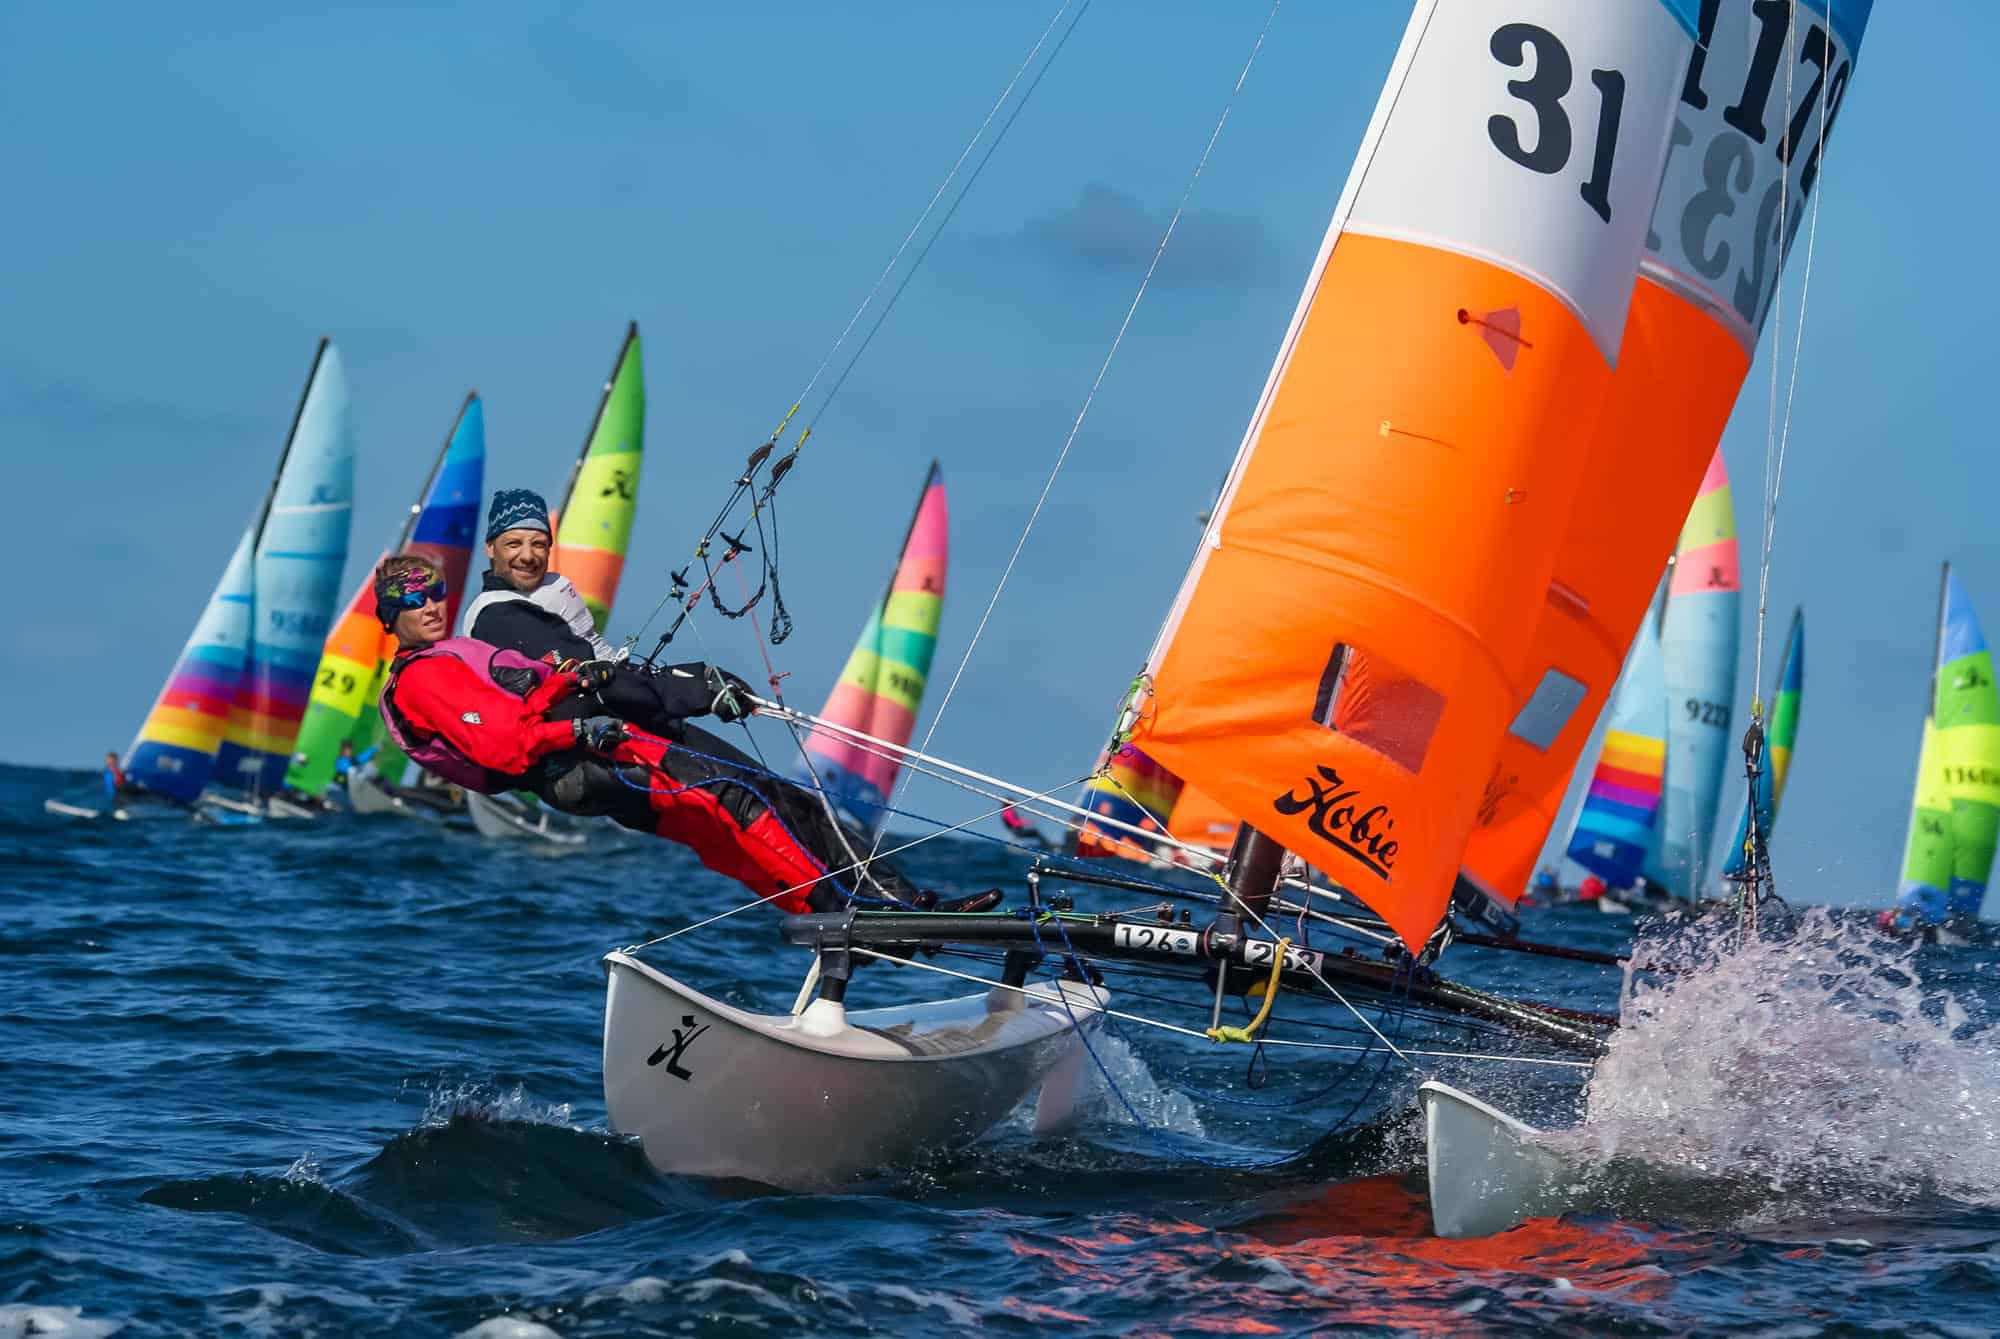 Ustka Charlotta Sailing Days 2020